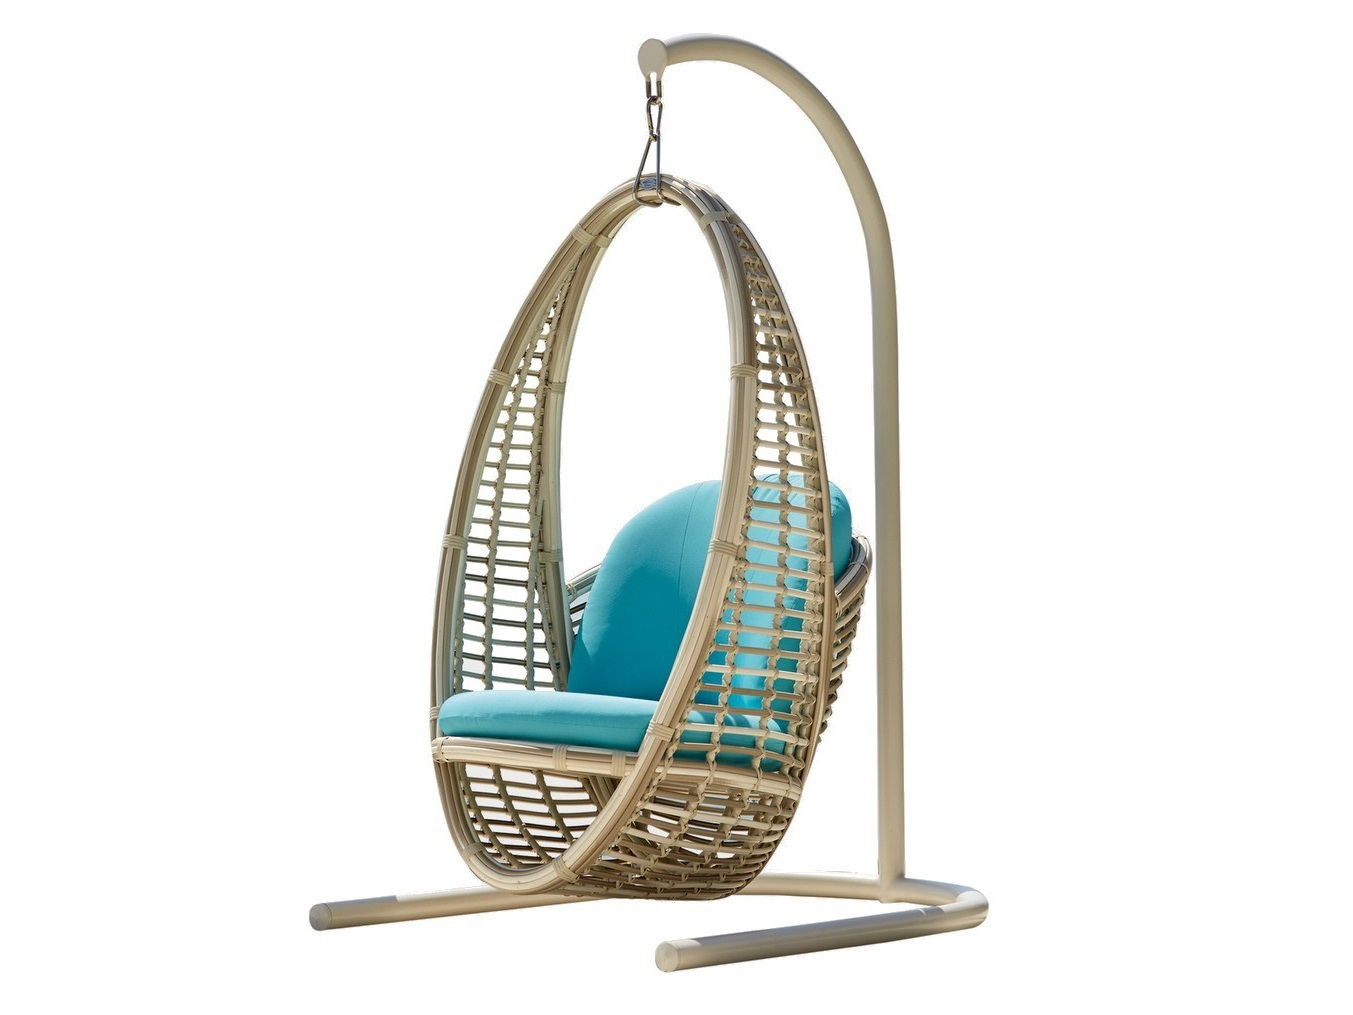 Подвесное кресло HeriПодвесные кресла<br><br><br>Material: Ротанг<br>Width см: 136<br>Depth см: 104<br>Height см: 205